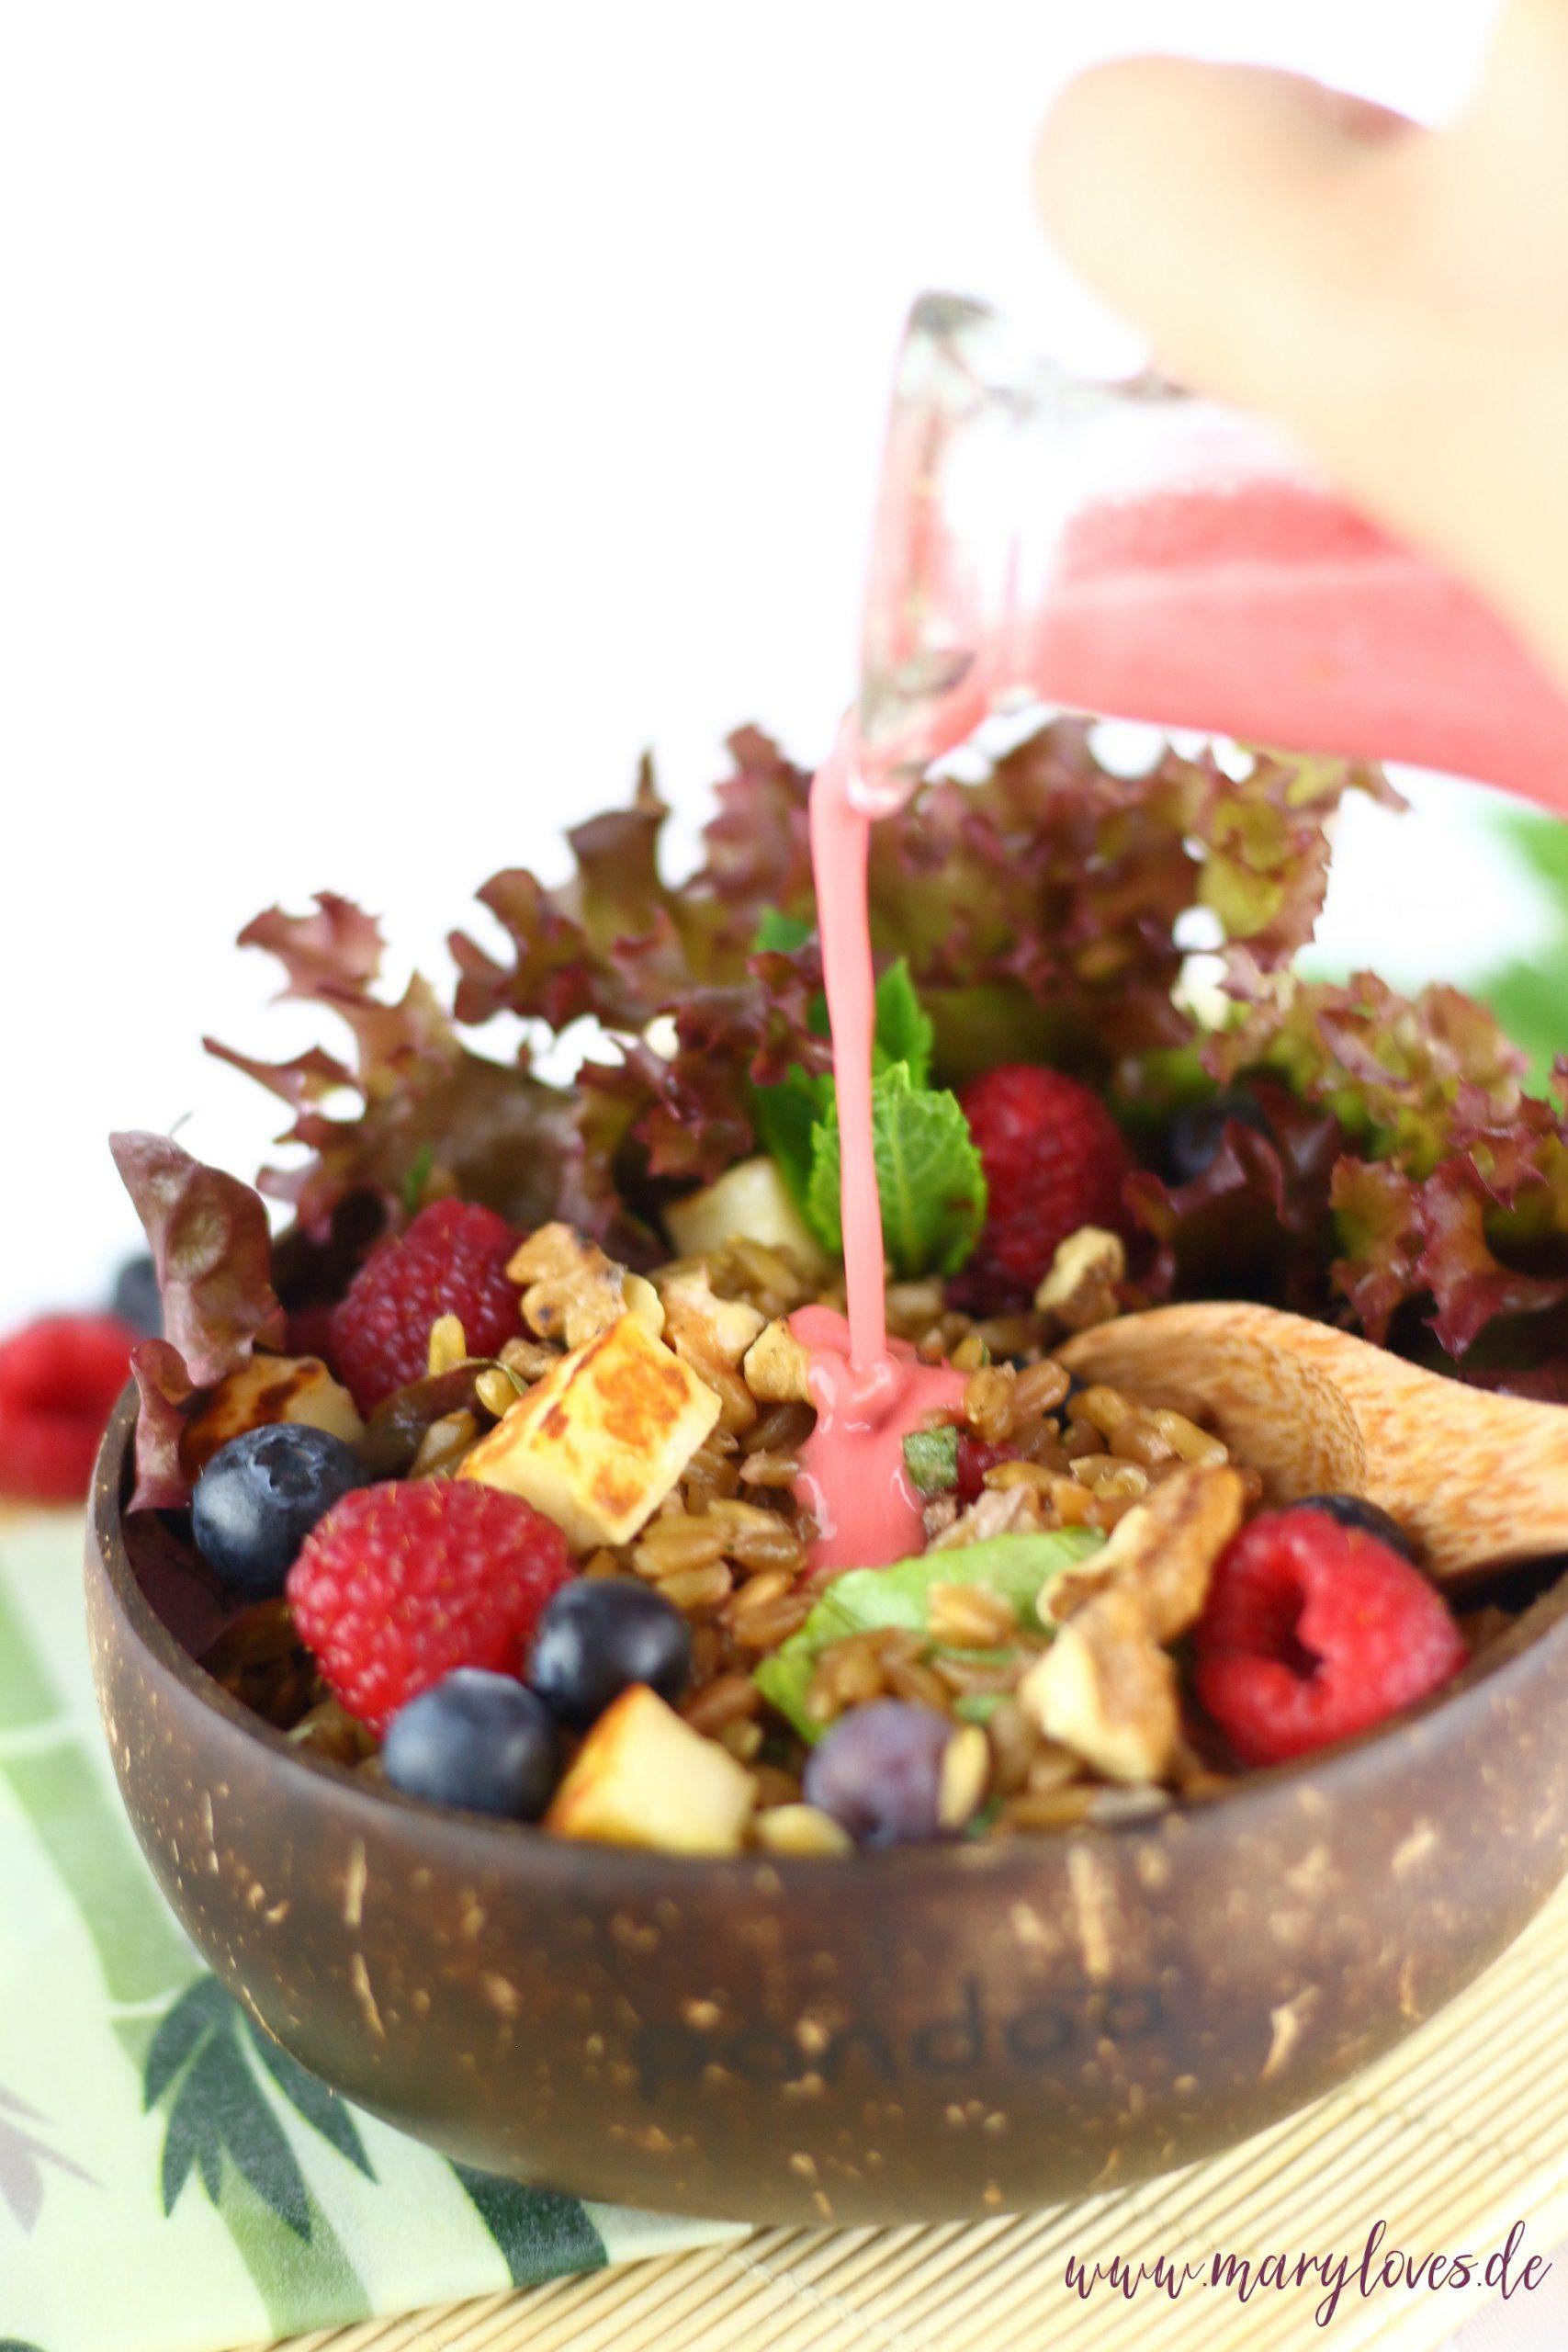 [Anzeige] Sommerlicher Grünkernsalat mit Beeren, Nüssen & Halloumi